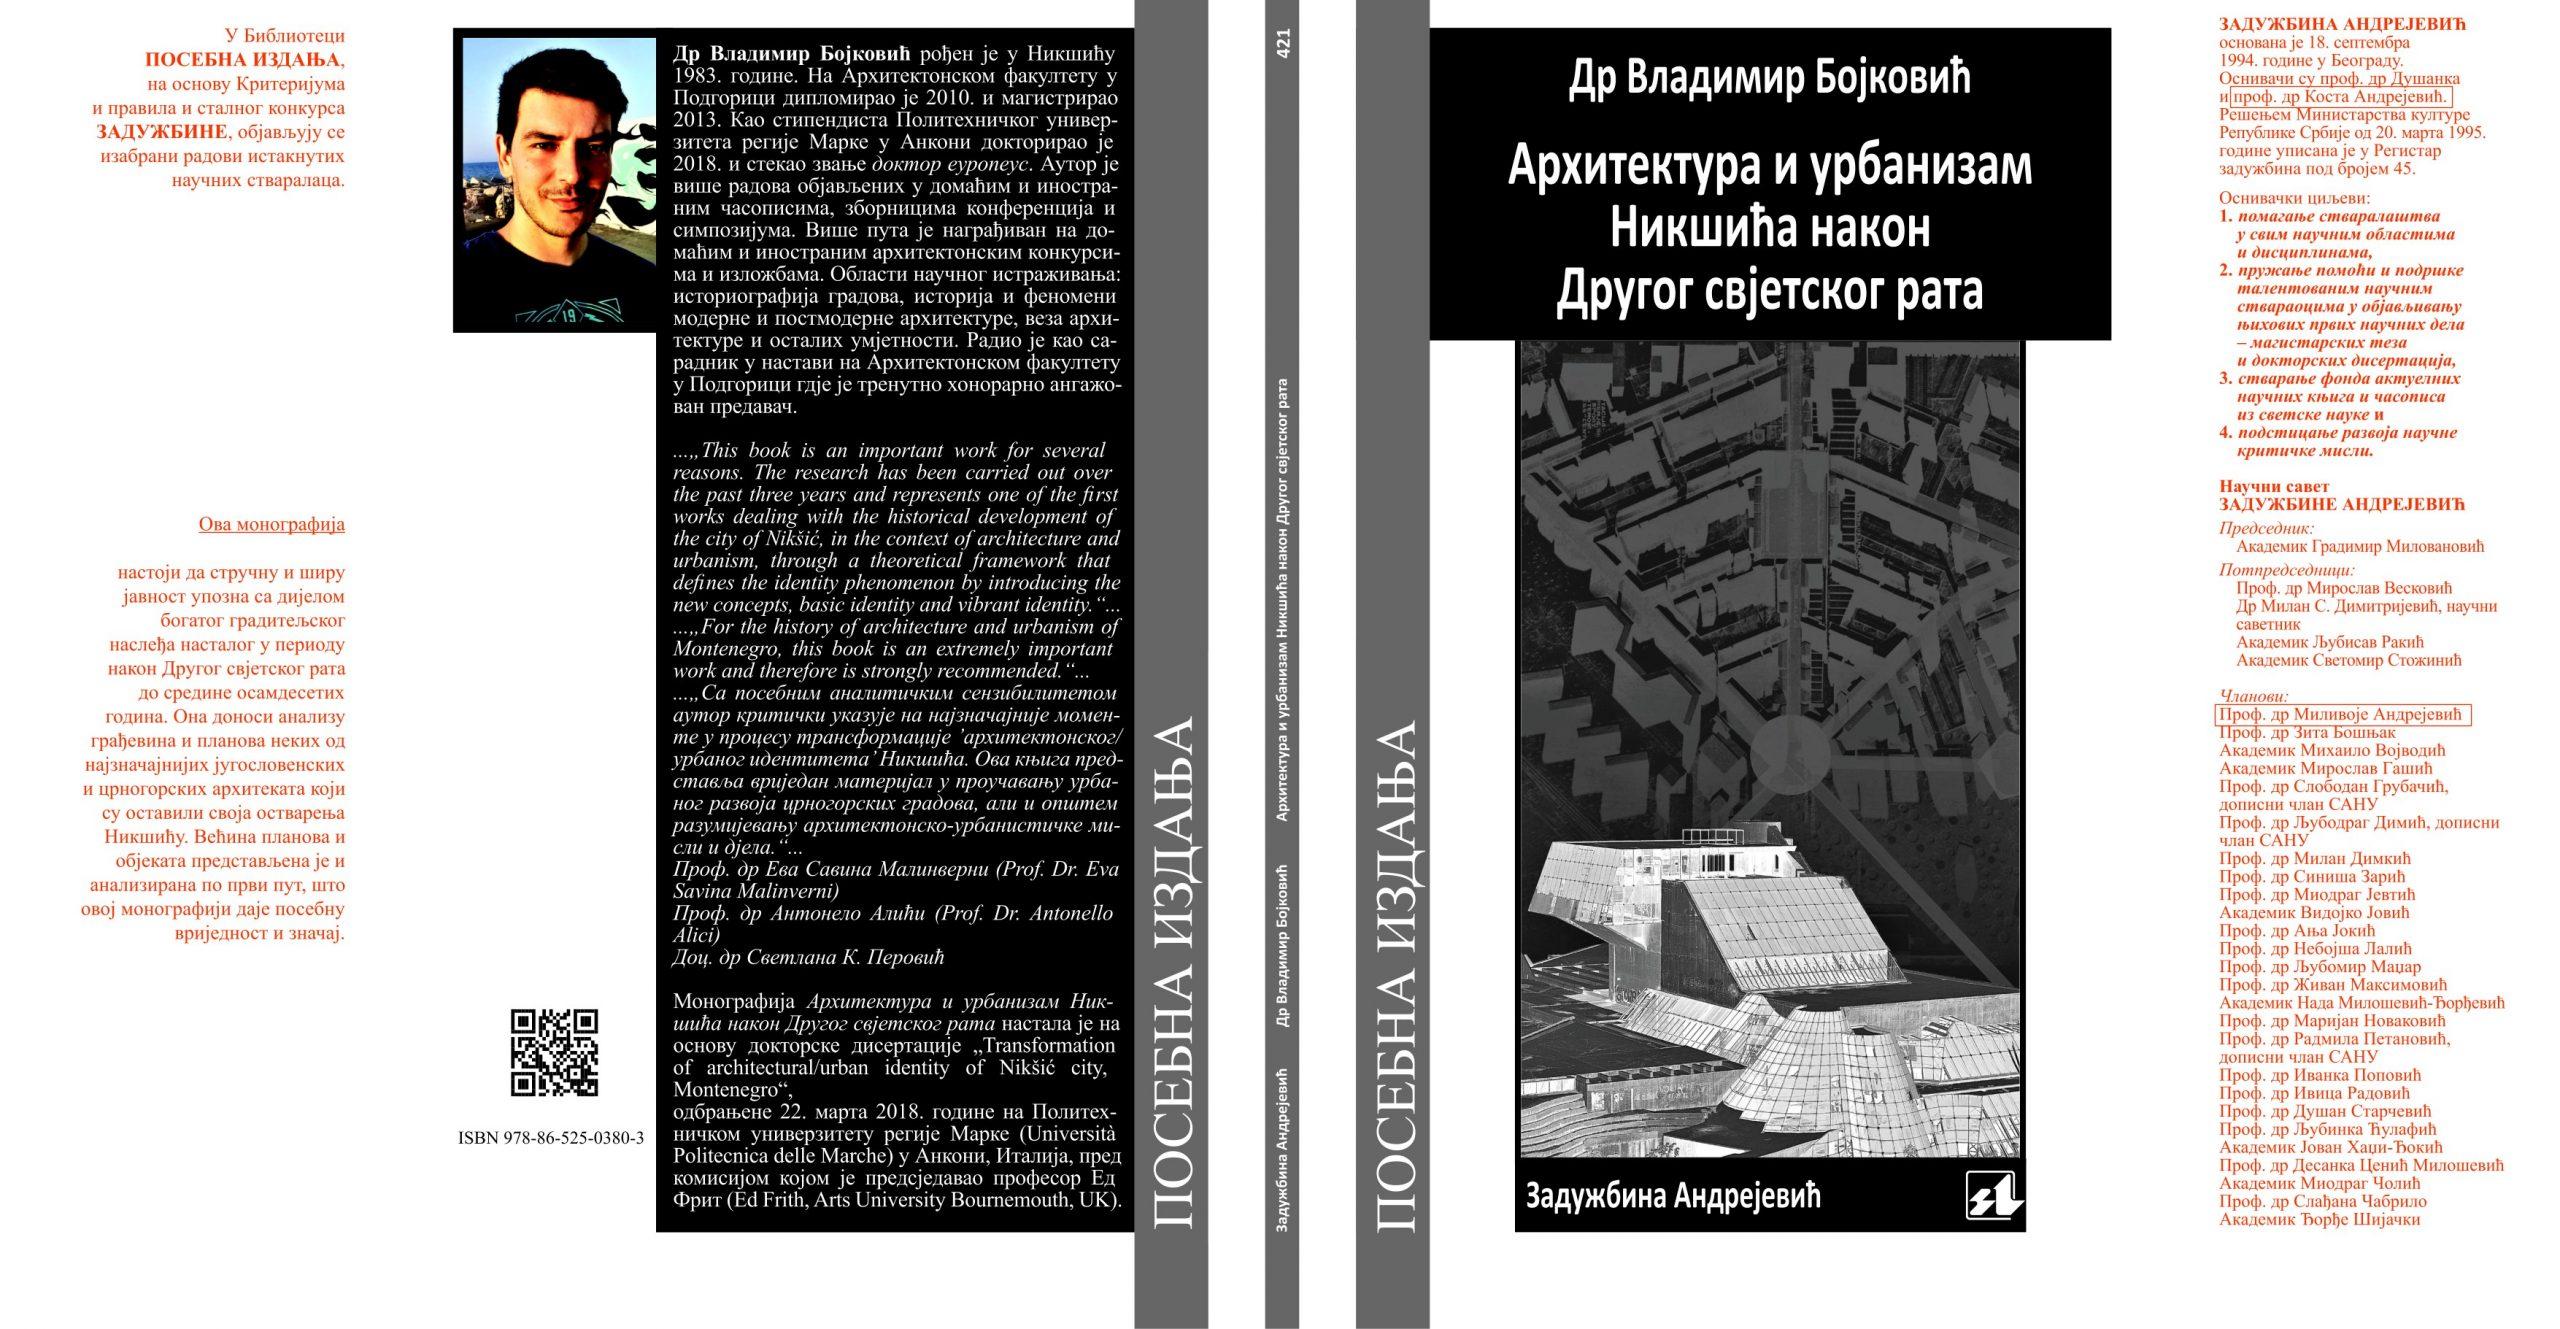 Arhitektura i urbanizam Nikšića nakon Drugog svjetskog rata